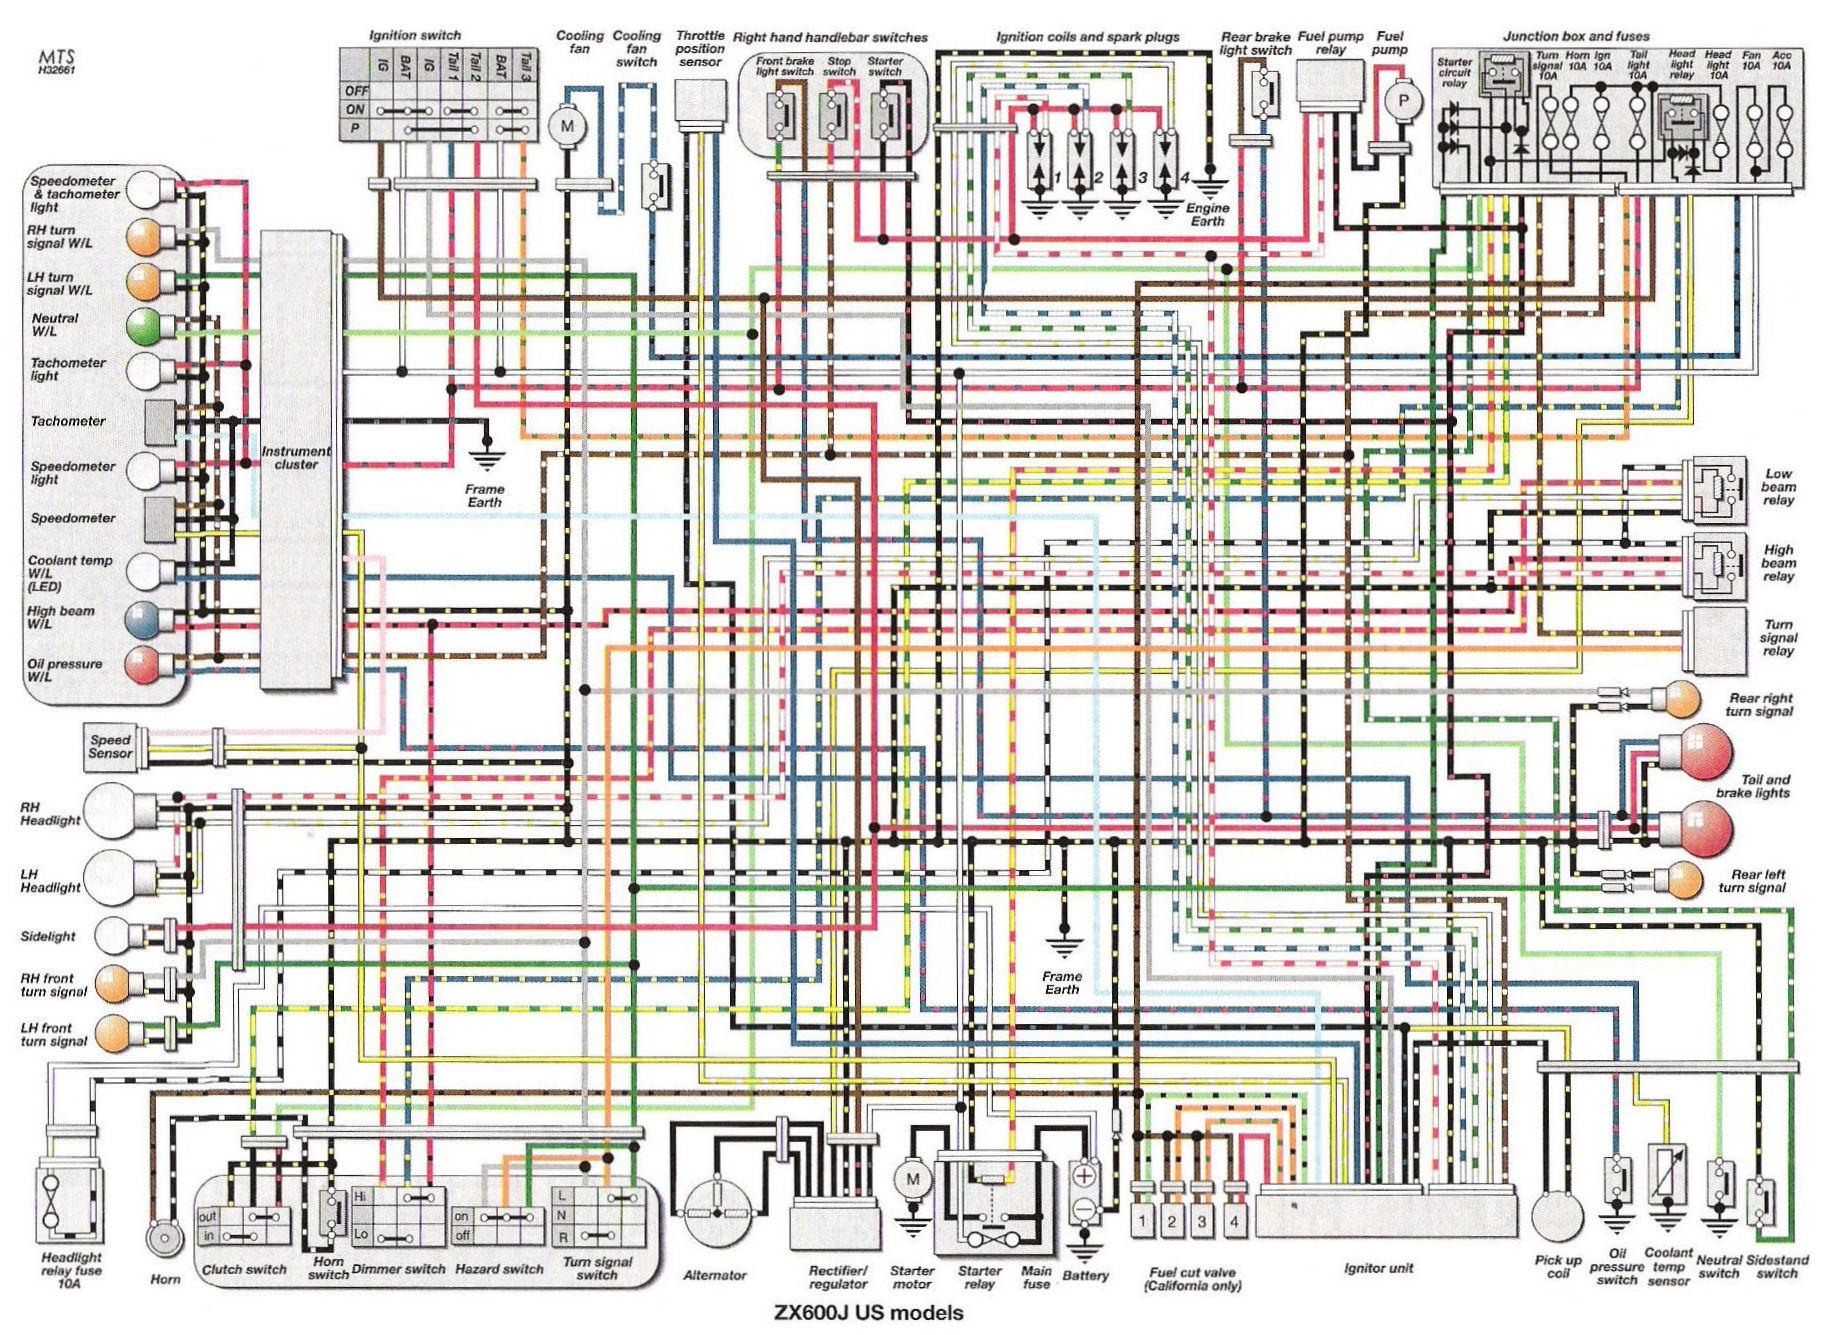 2014 Yamaha Fz6 Wiring Diagram - Cadillac Catera 3 0 Engine Diagram -  maxoncb.yenpancane.jeanjaures37.fr Wiring Diagram Resource